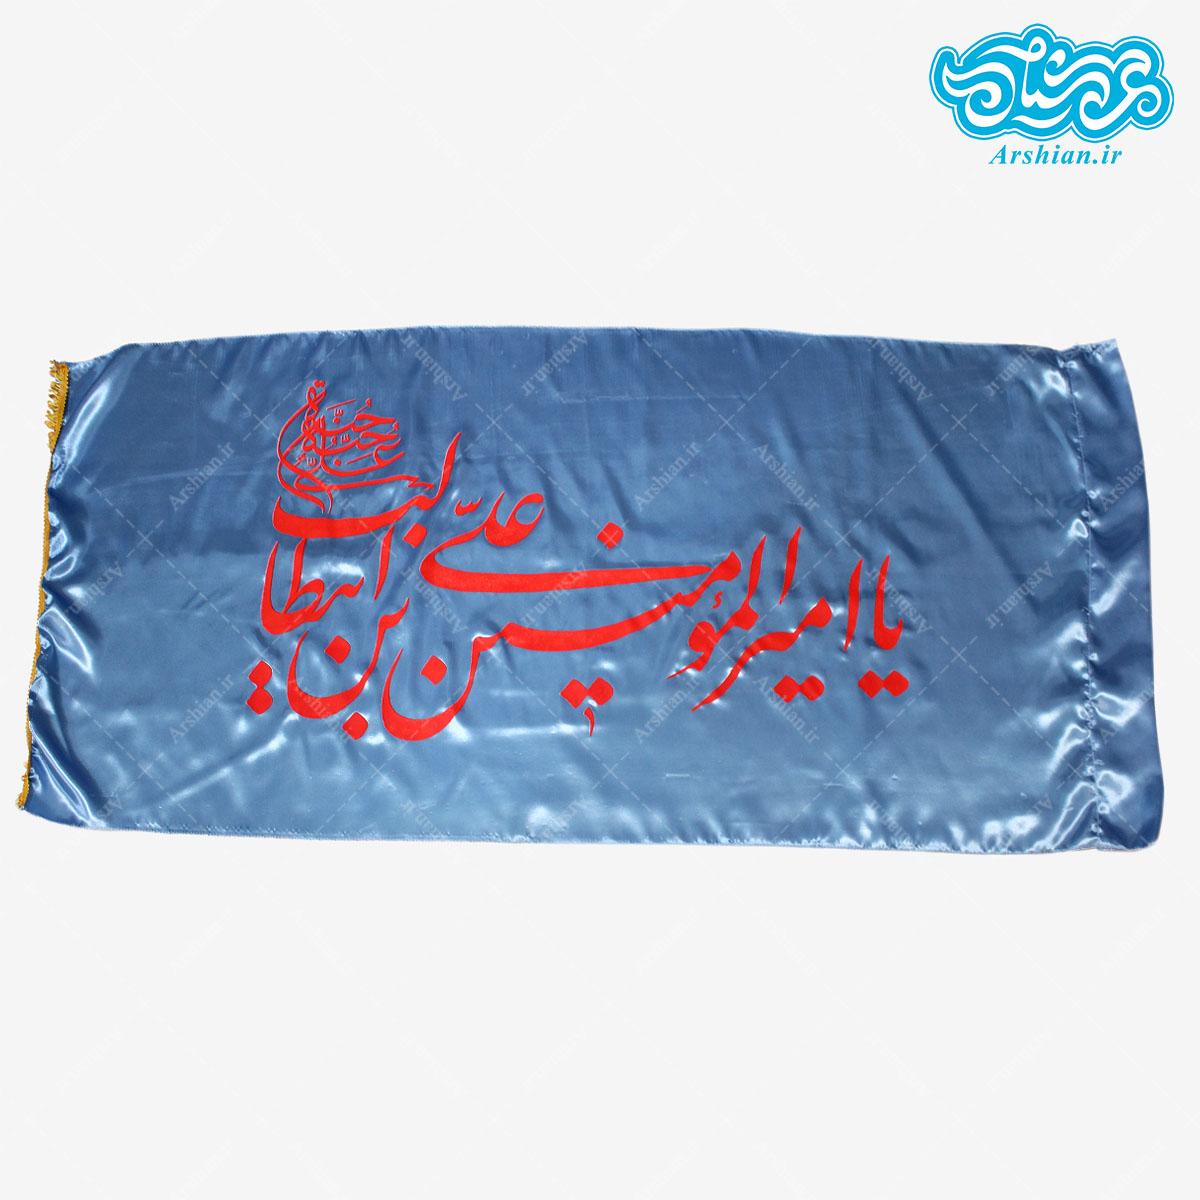 پرچم ساتن یاامیرالمومنین علی بن ابیطالب